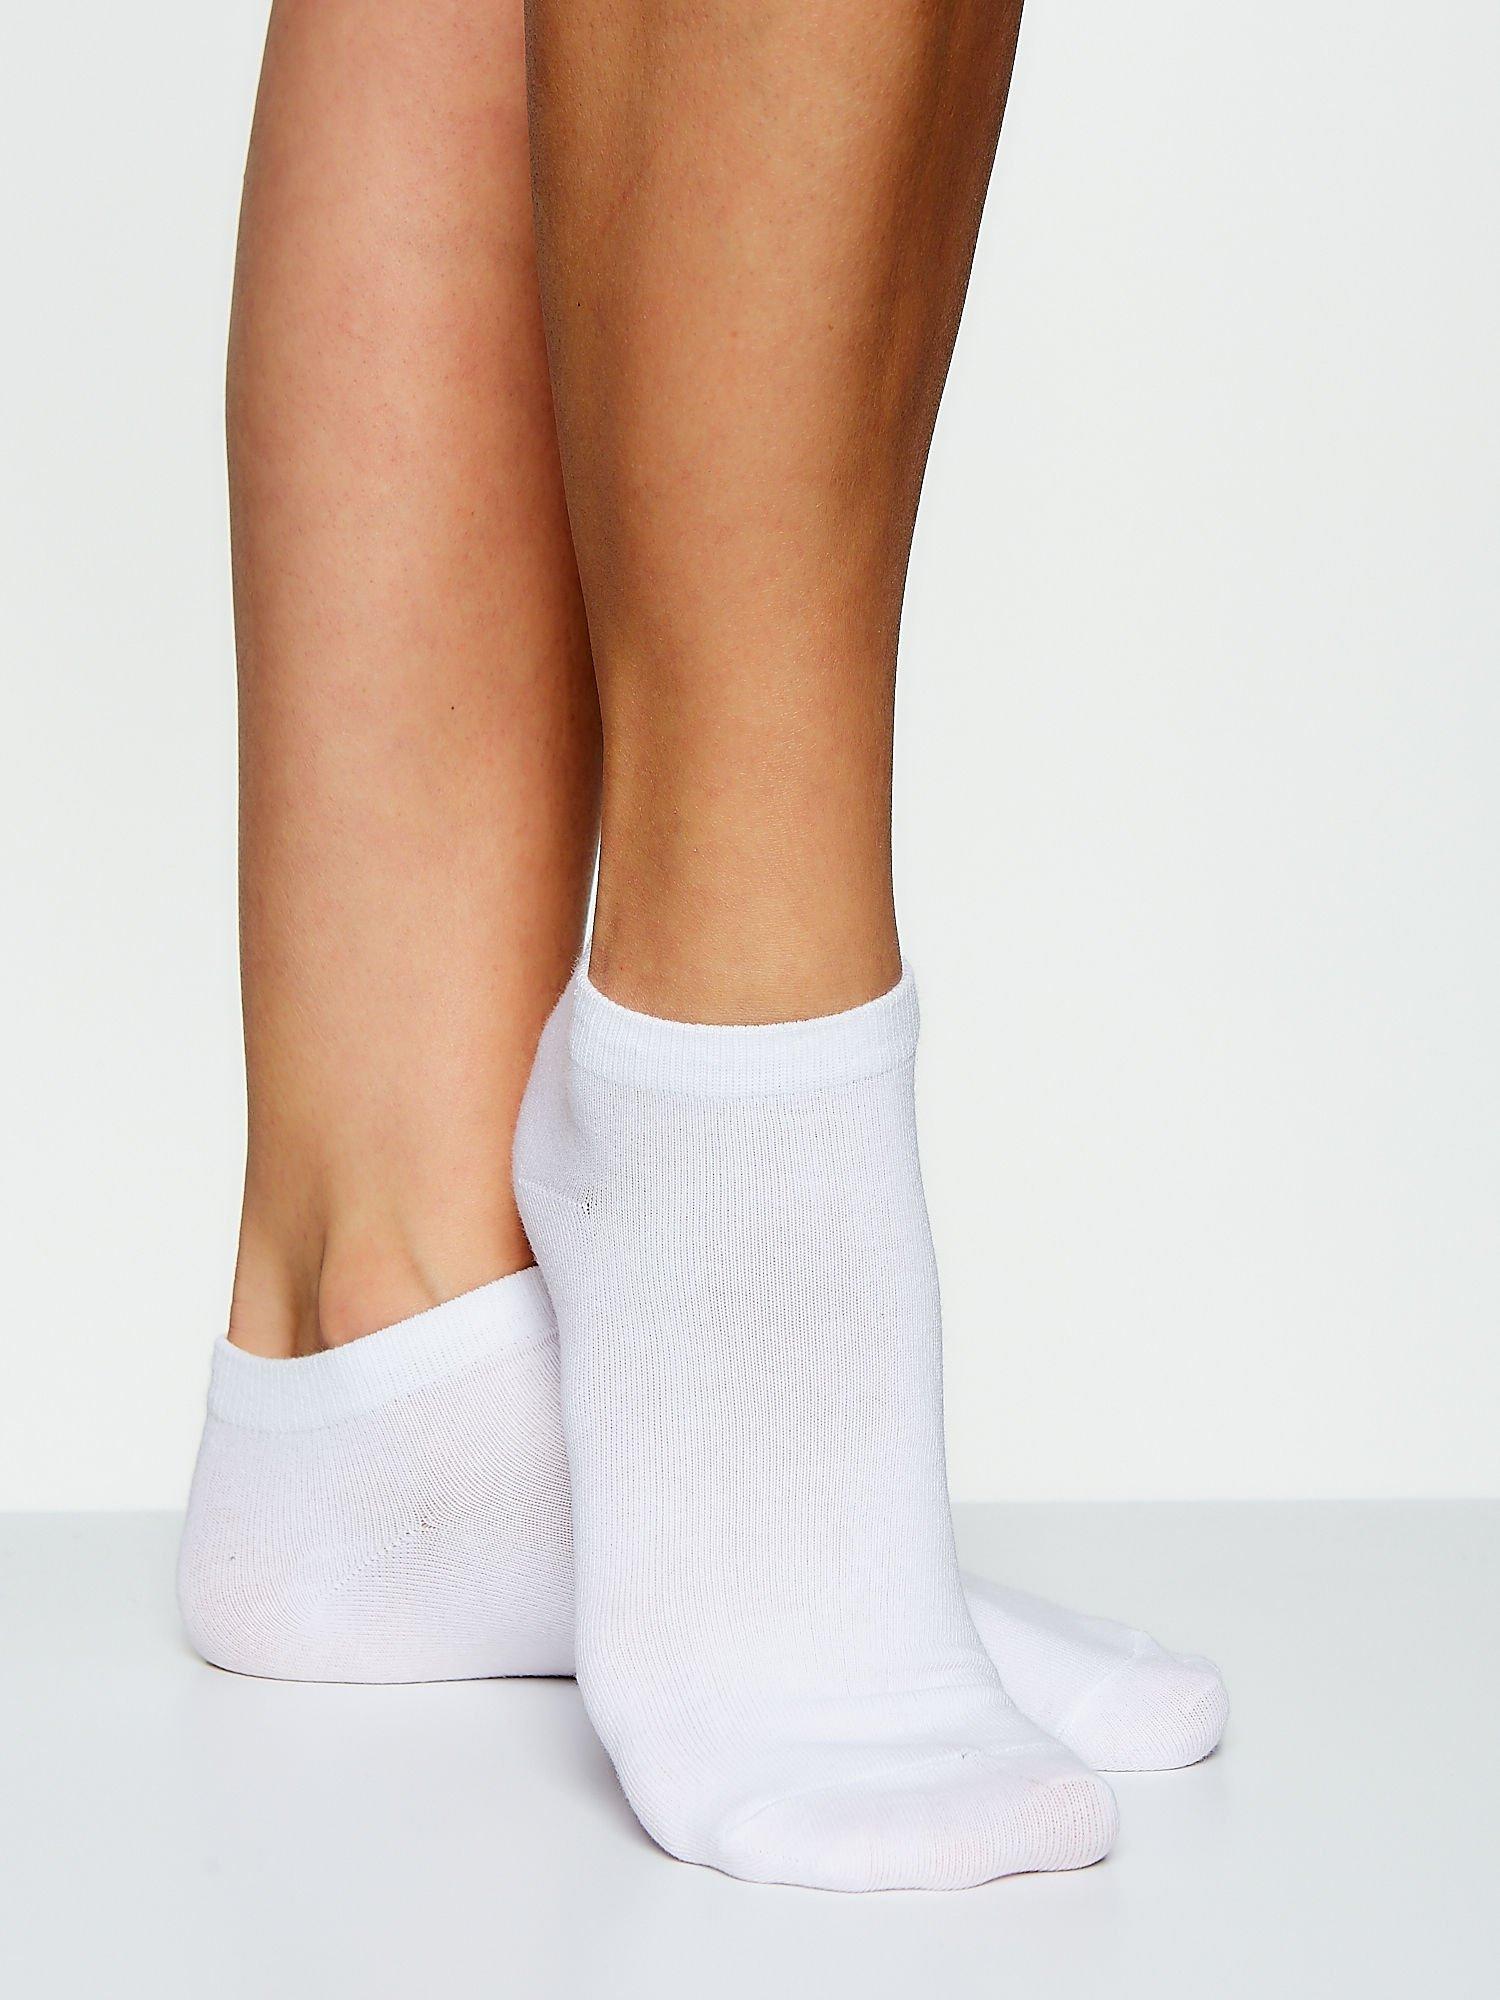 Skarpetki damskie stopki biały bacis zestaw 2 pary                                  zdj.                                  2